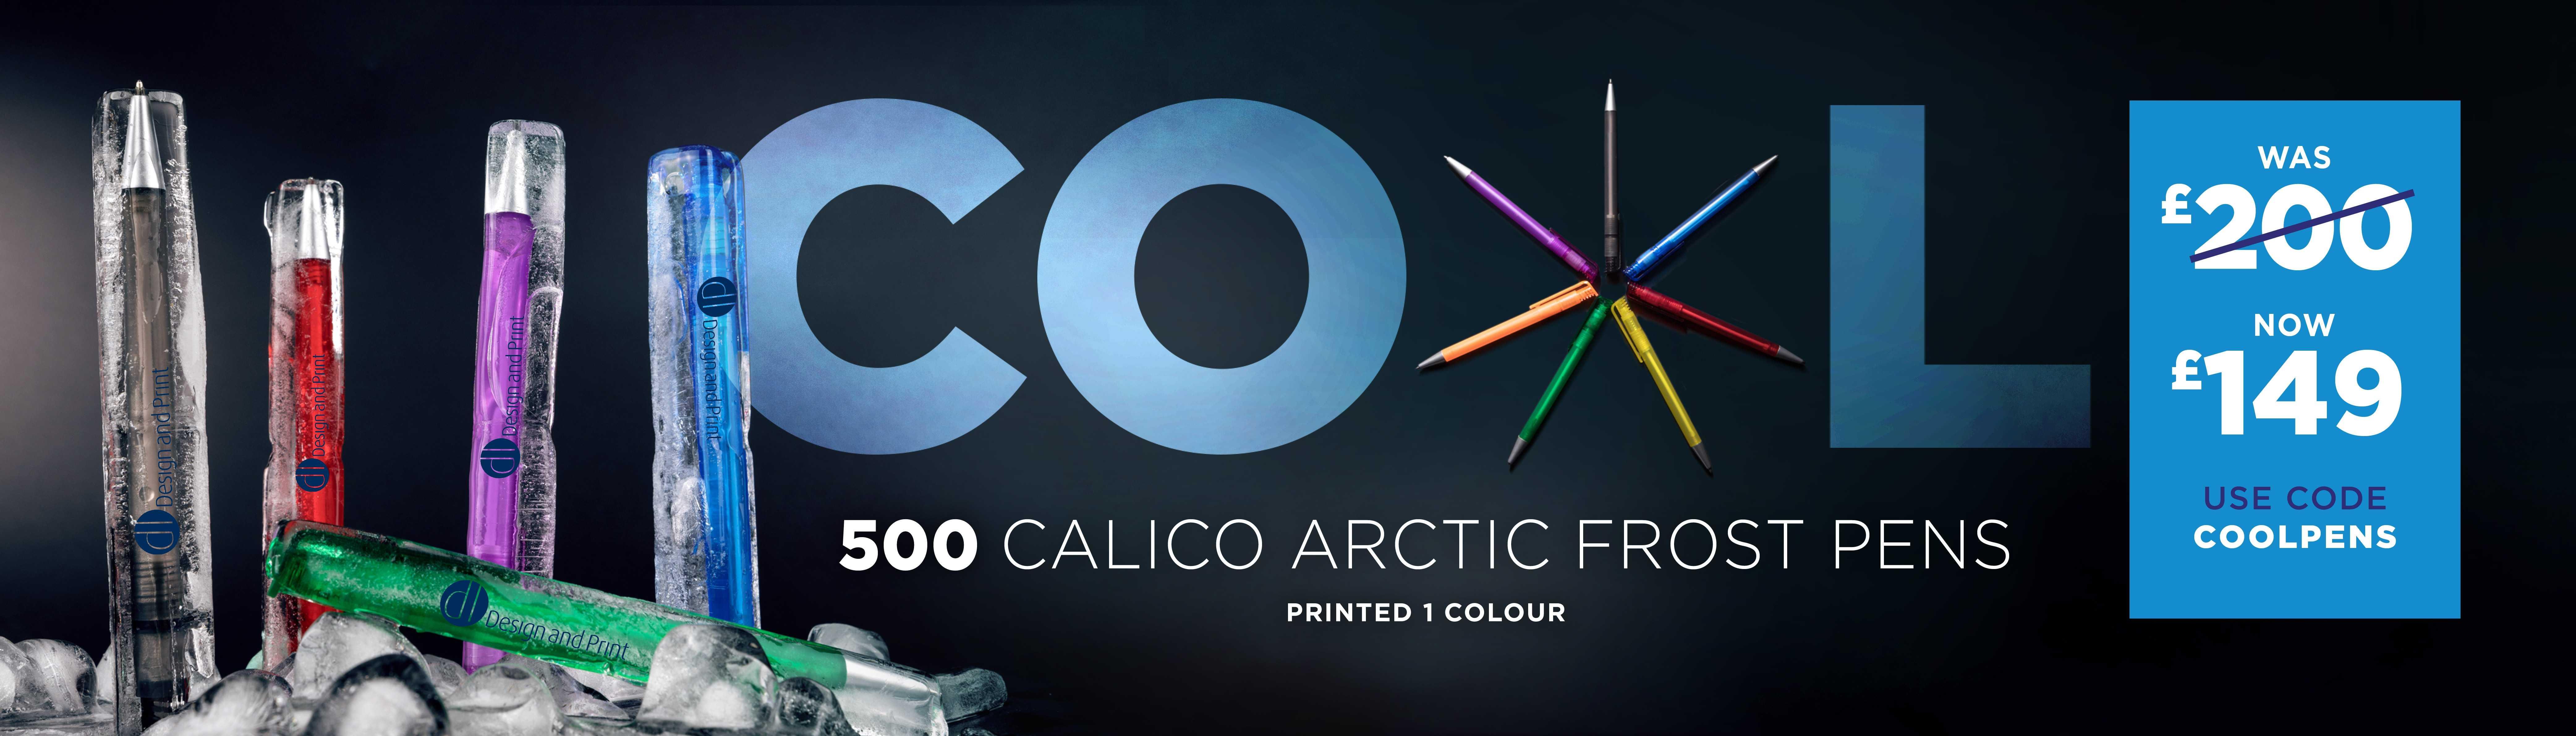 Calico Artic